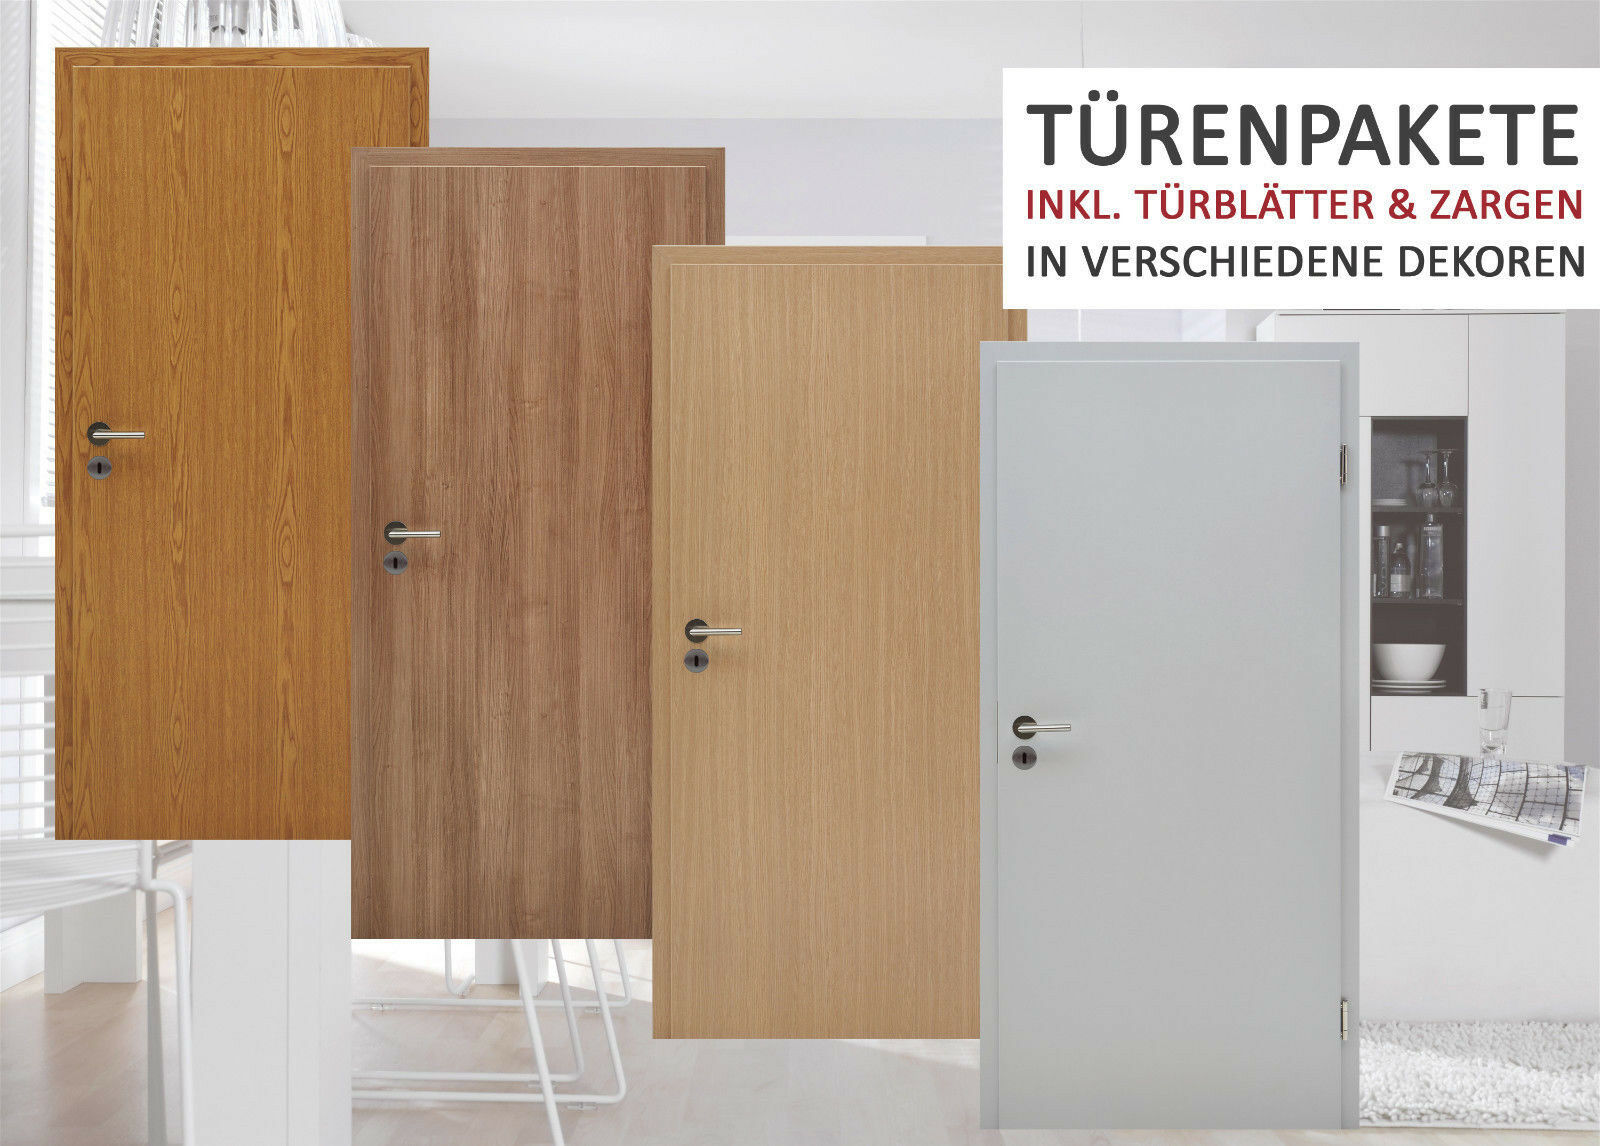 Kuporta CPL Zimmertüren Innentür Grau Eiche Kirsche Tür mit Zarge Zimmertür NEU